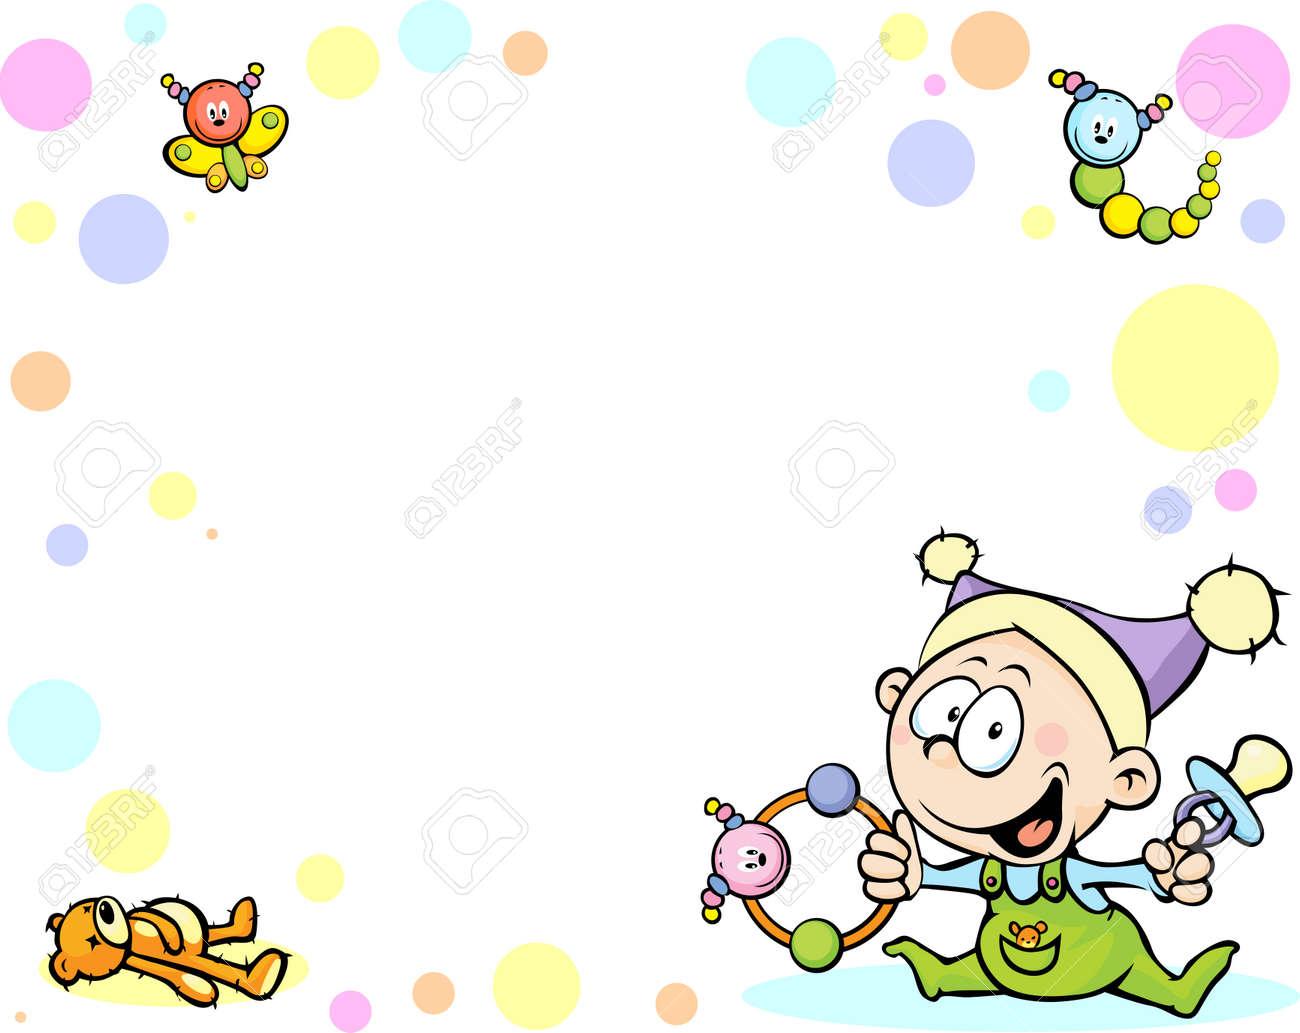 クールな赤ちゃんの背景に面白い赤ちゃん おもちゃ 抽象的なドットのイラスト素材 ベクタ Image